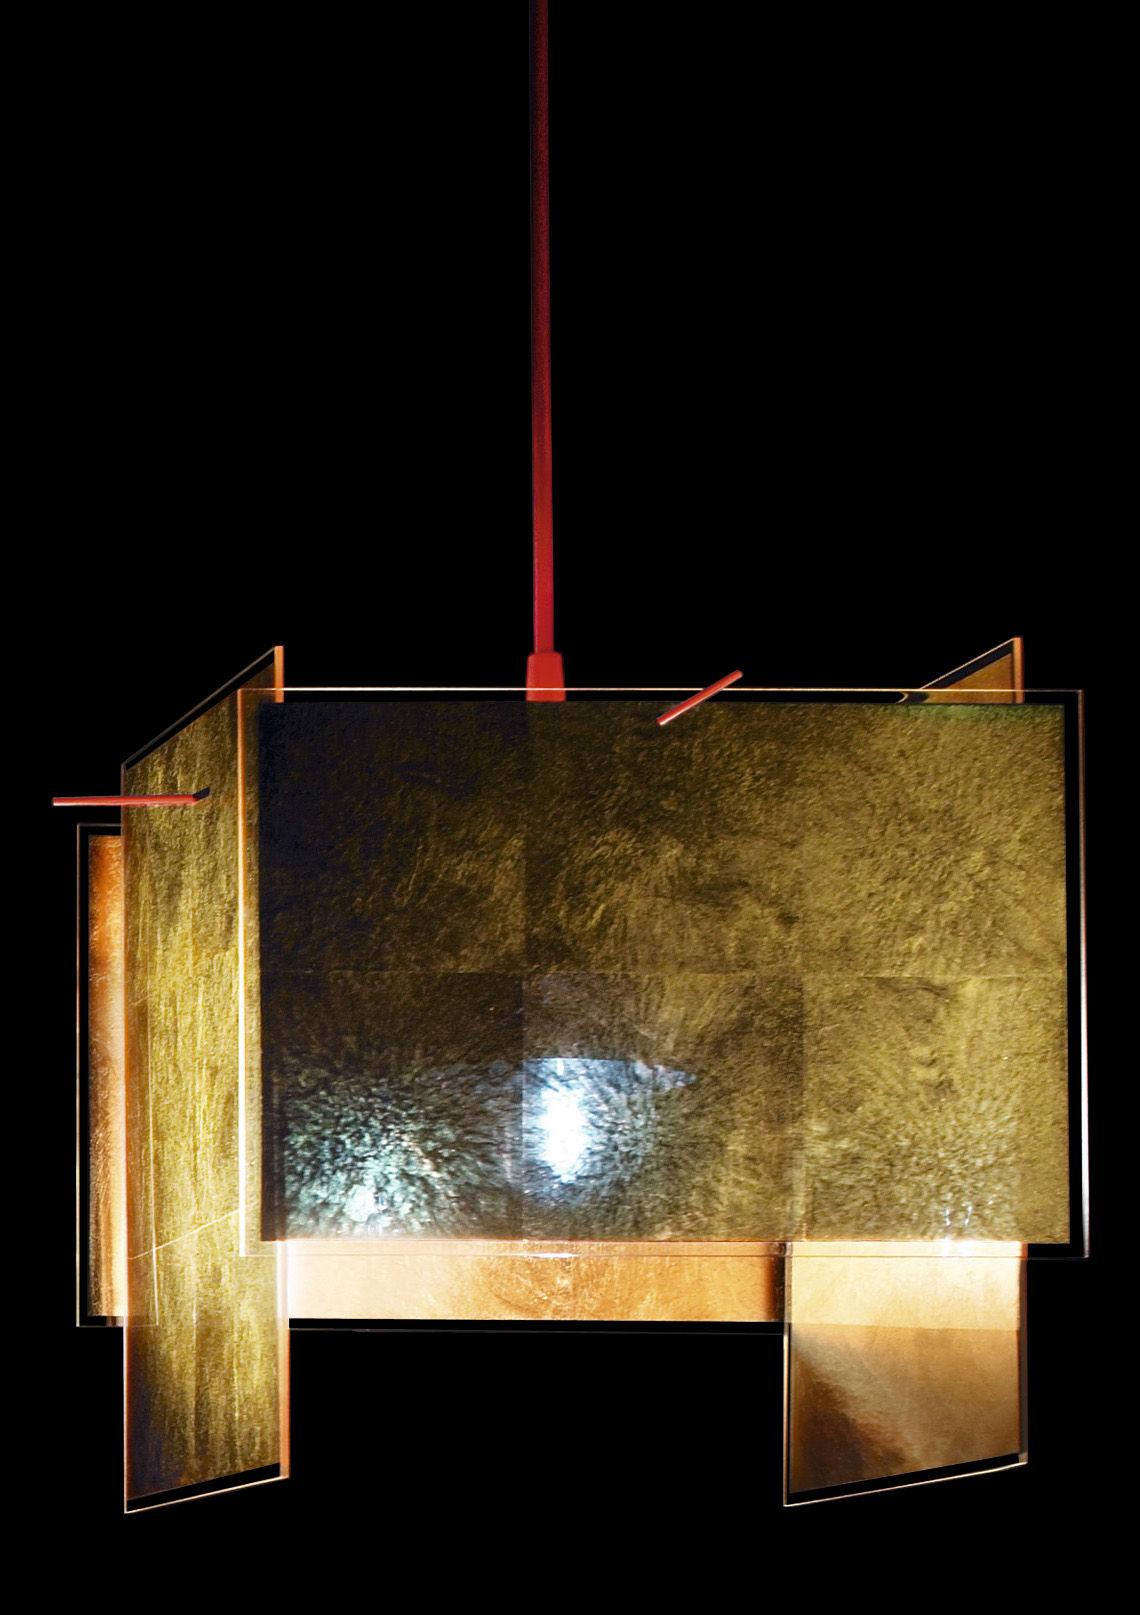 Leuchten - Pendelleuchten - 24 Karat Blau Pendelleuchte Ø 230 cm - Ingo Maurer - Gold und rot - 230 cm - Blattgold, Plastik